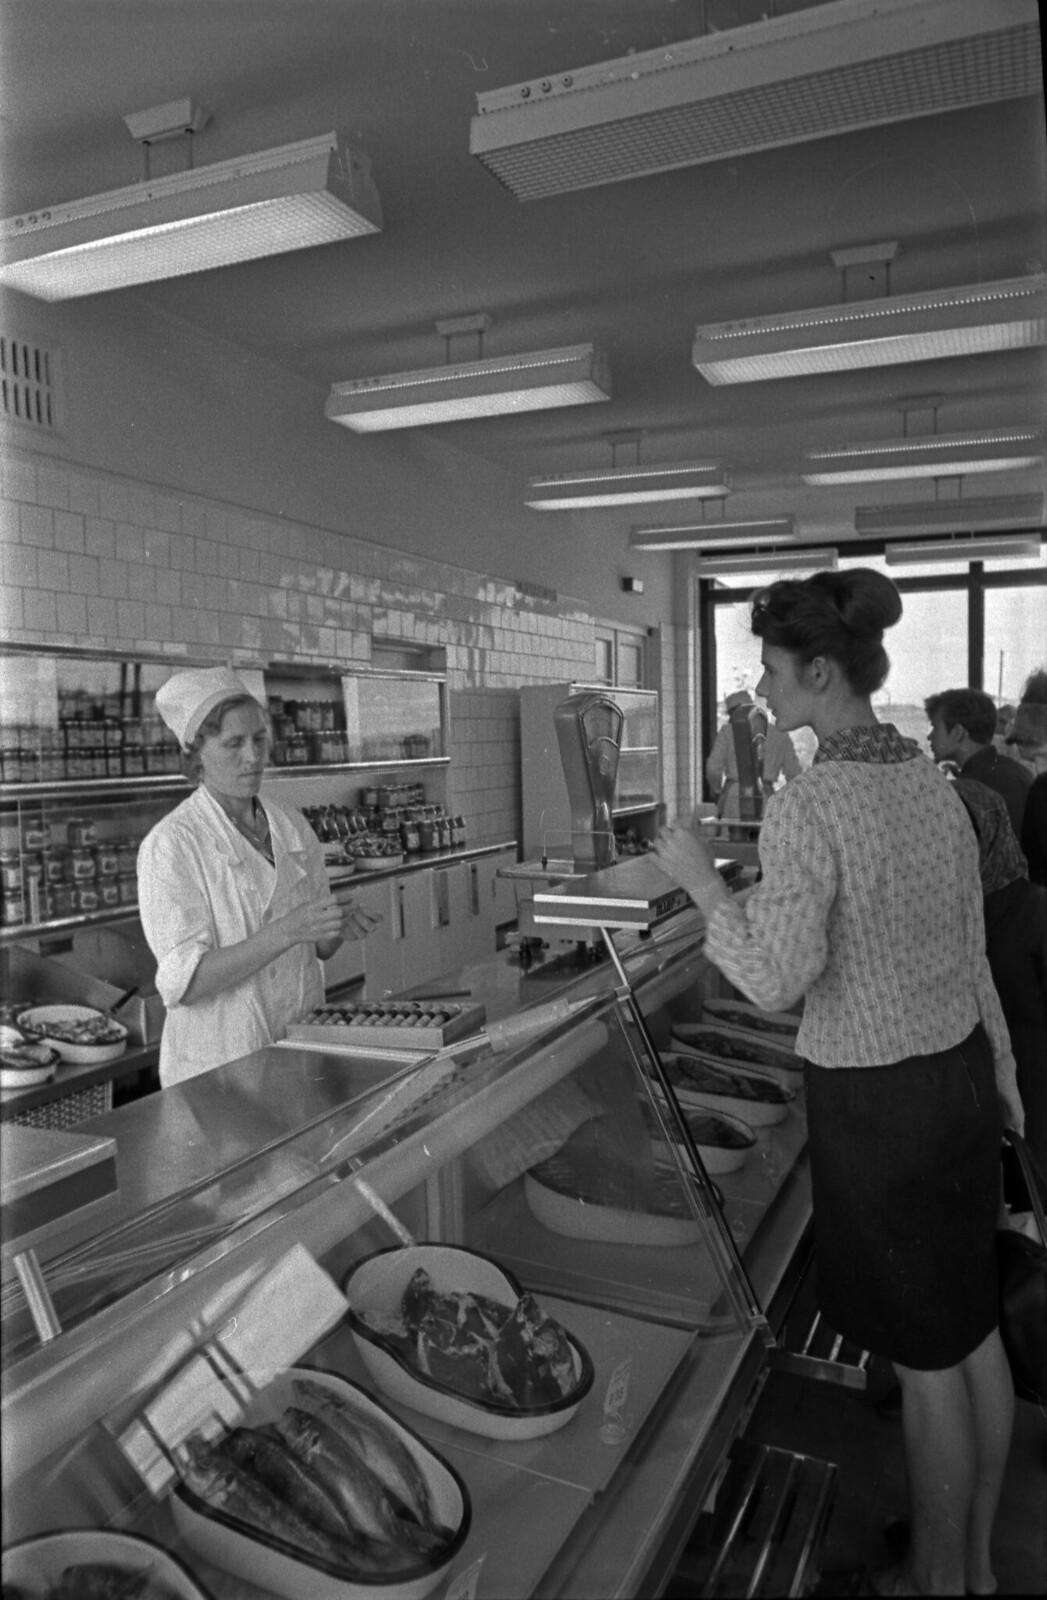 1967. «Рыба». В магазинах изобилие продуктов и широкий выбор, 50-летие Марийской АССР, г. Йошкар-Ола